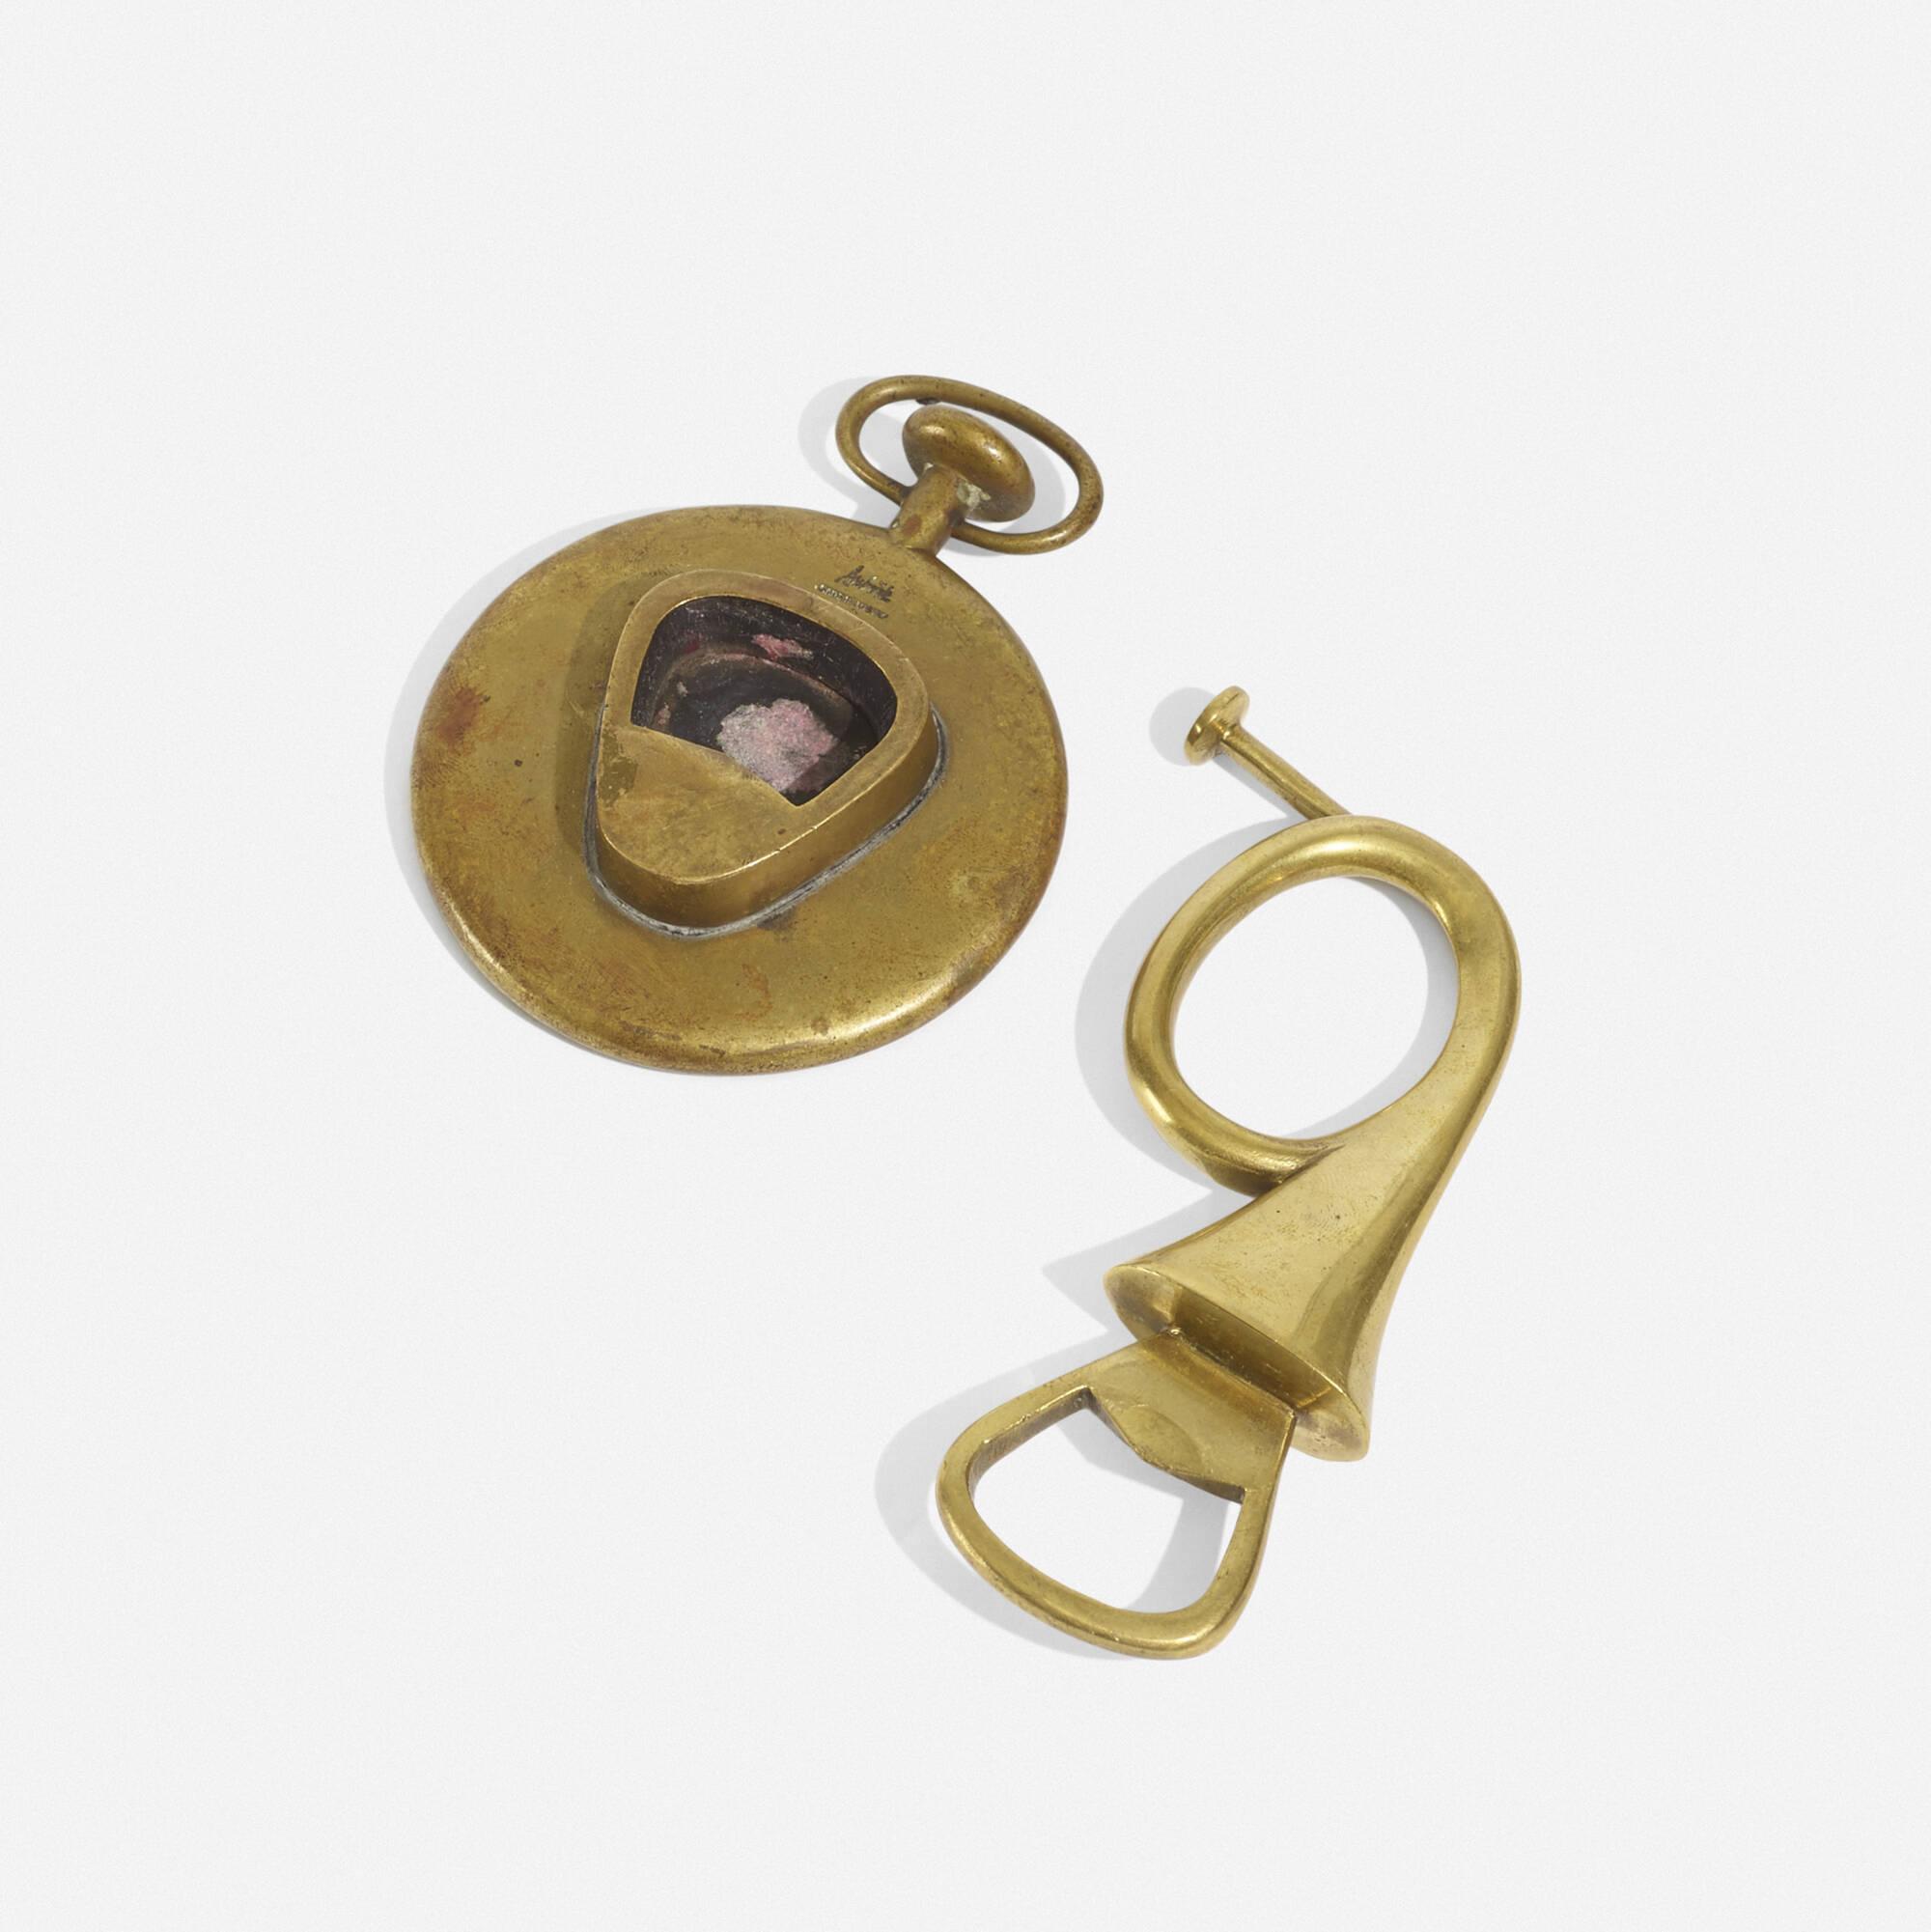 264: Carl Auböck II / bottle openers, pair (1 of 2)